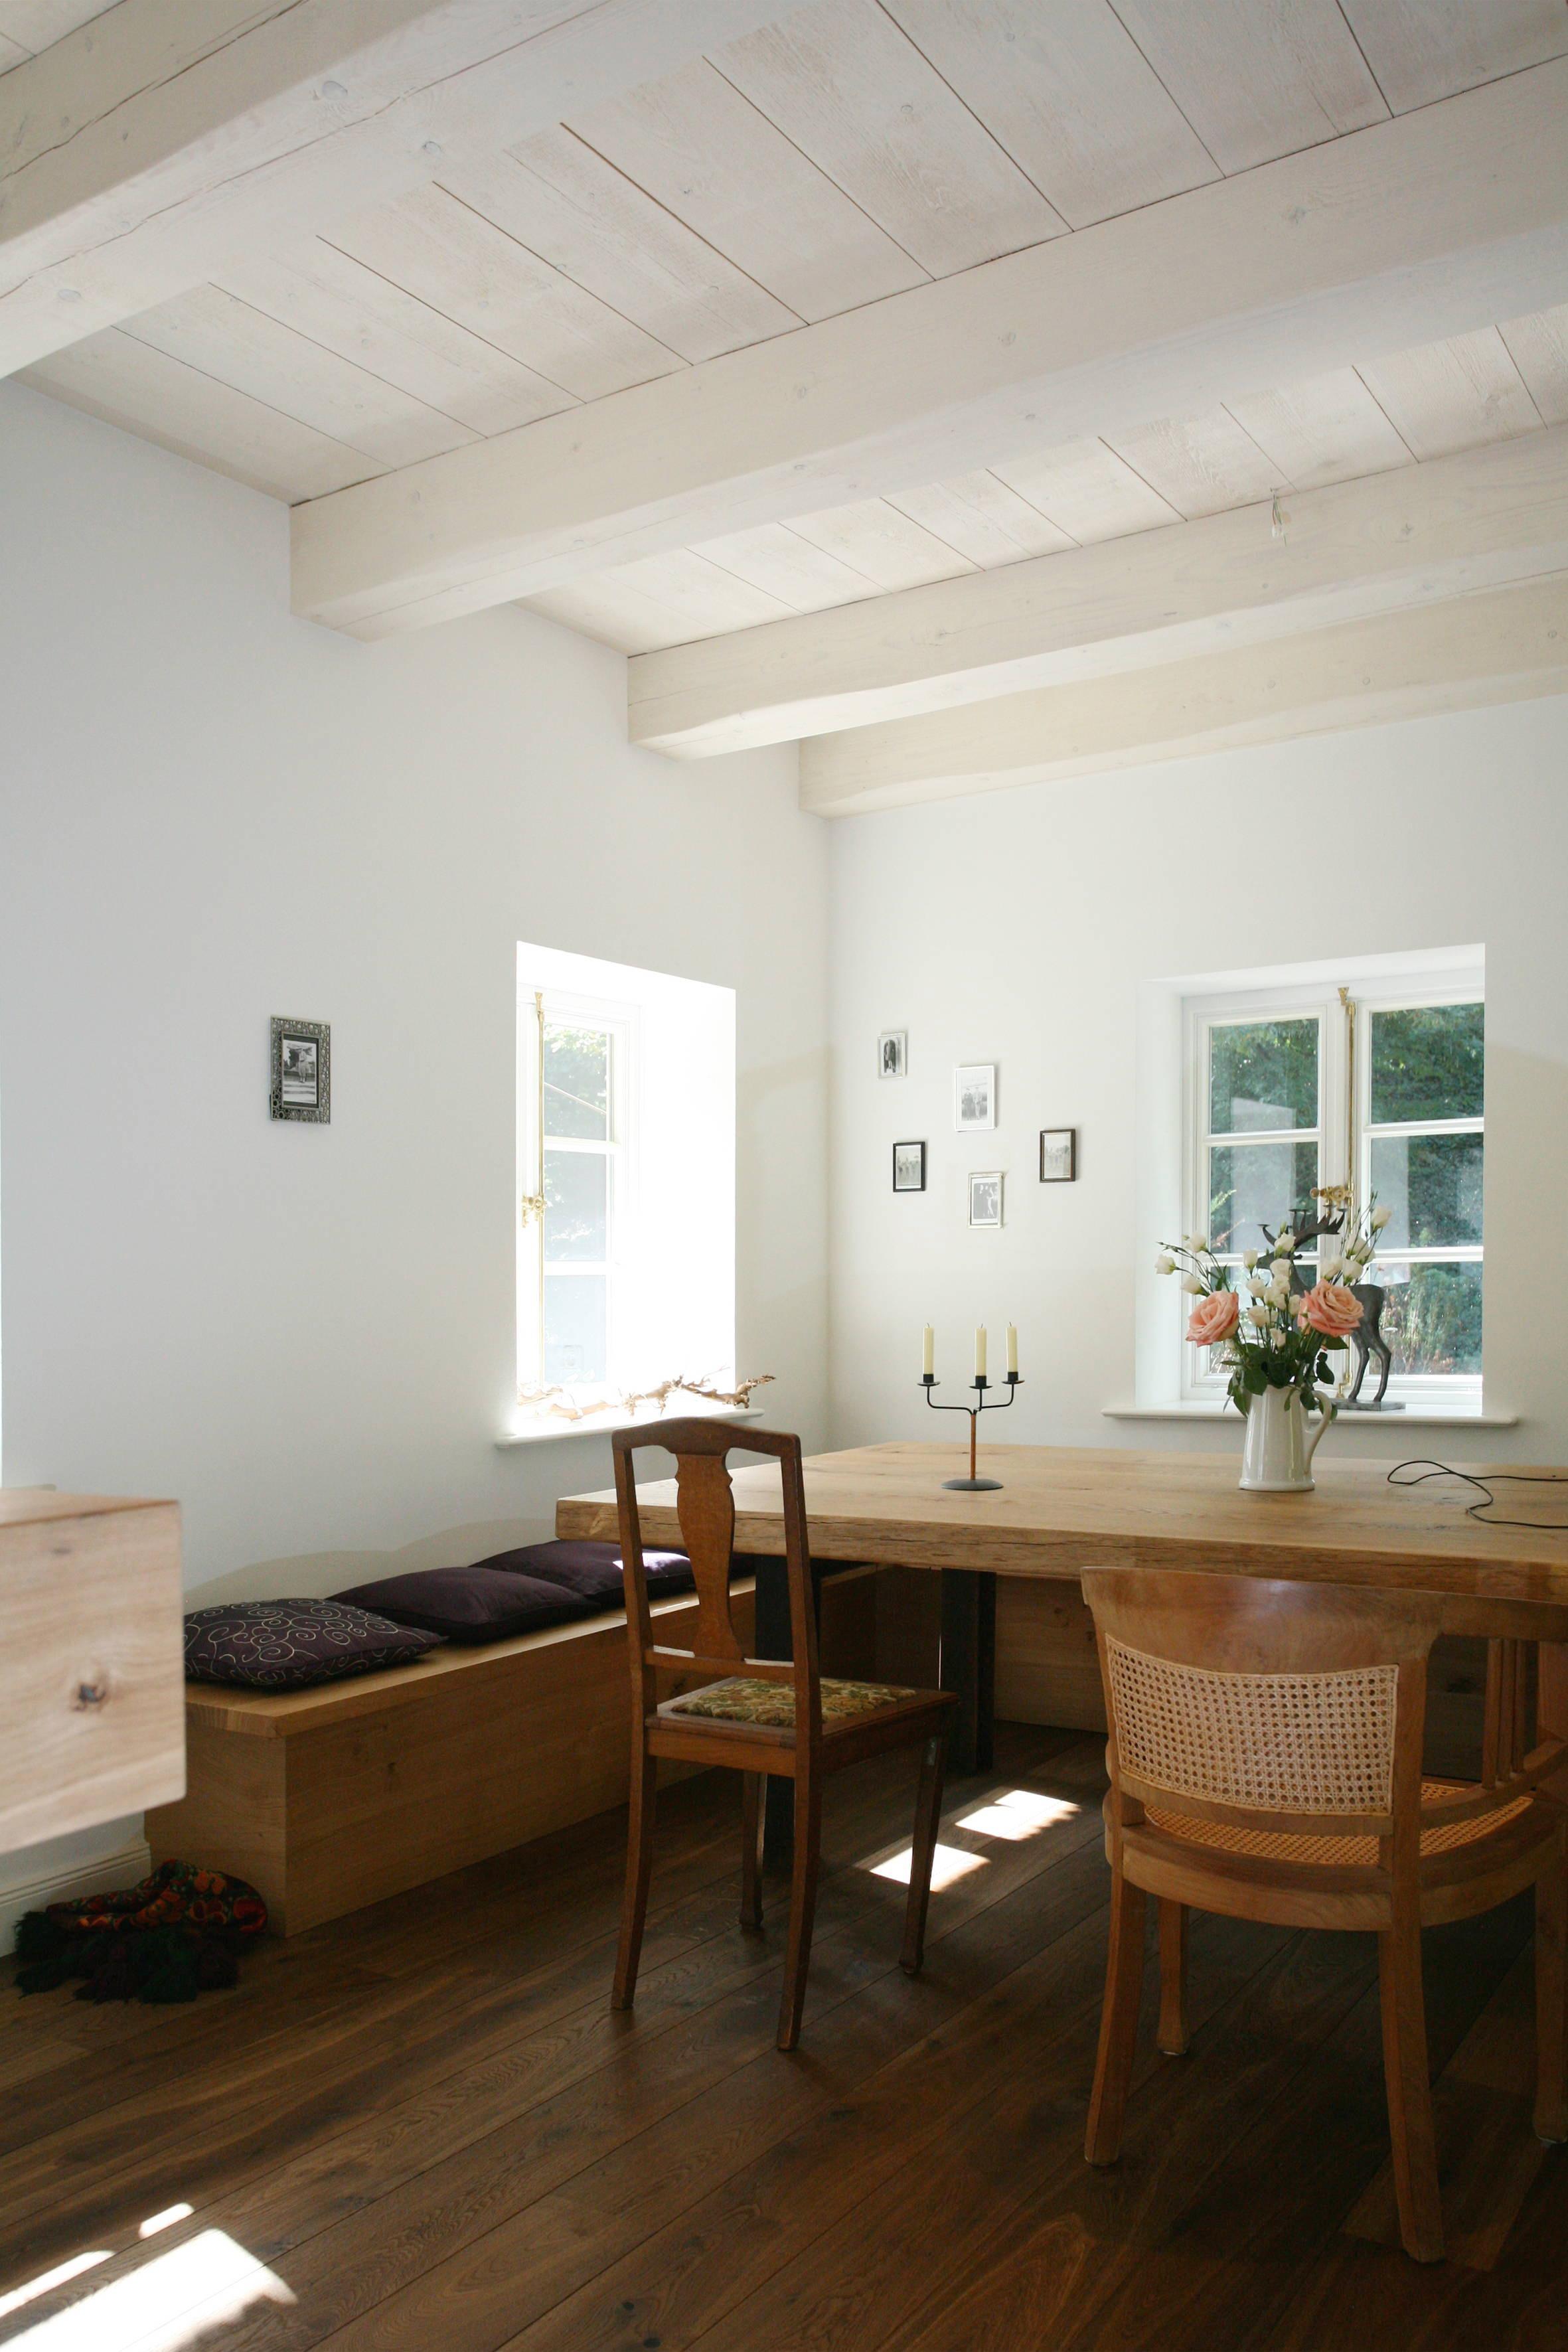 Die Gemütliche Sitzecke In Der Küche #küche #esstisch #deckenbalken  #sitzbank #reetdachhaus